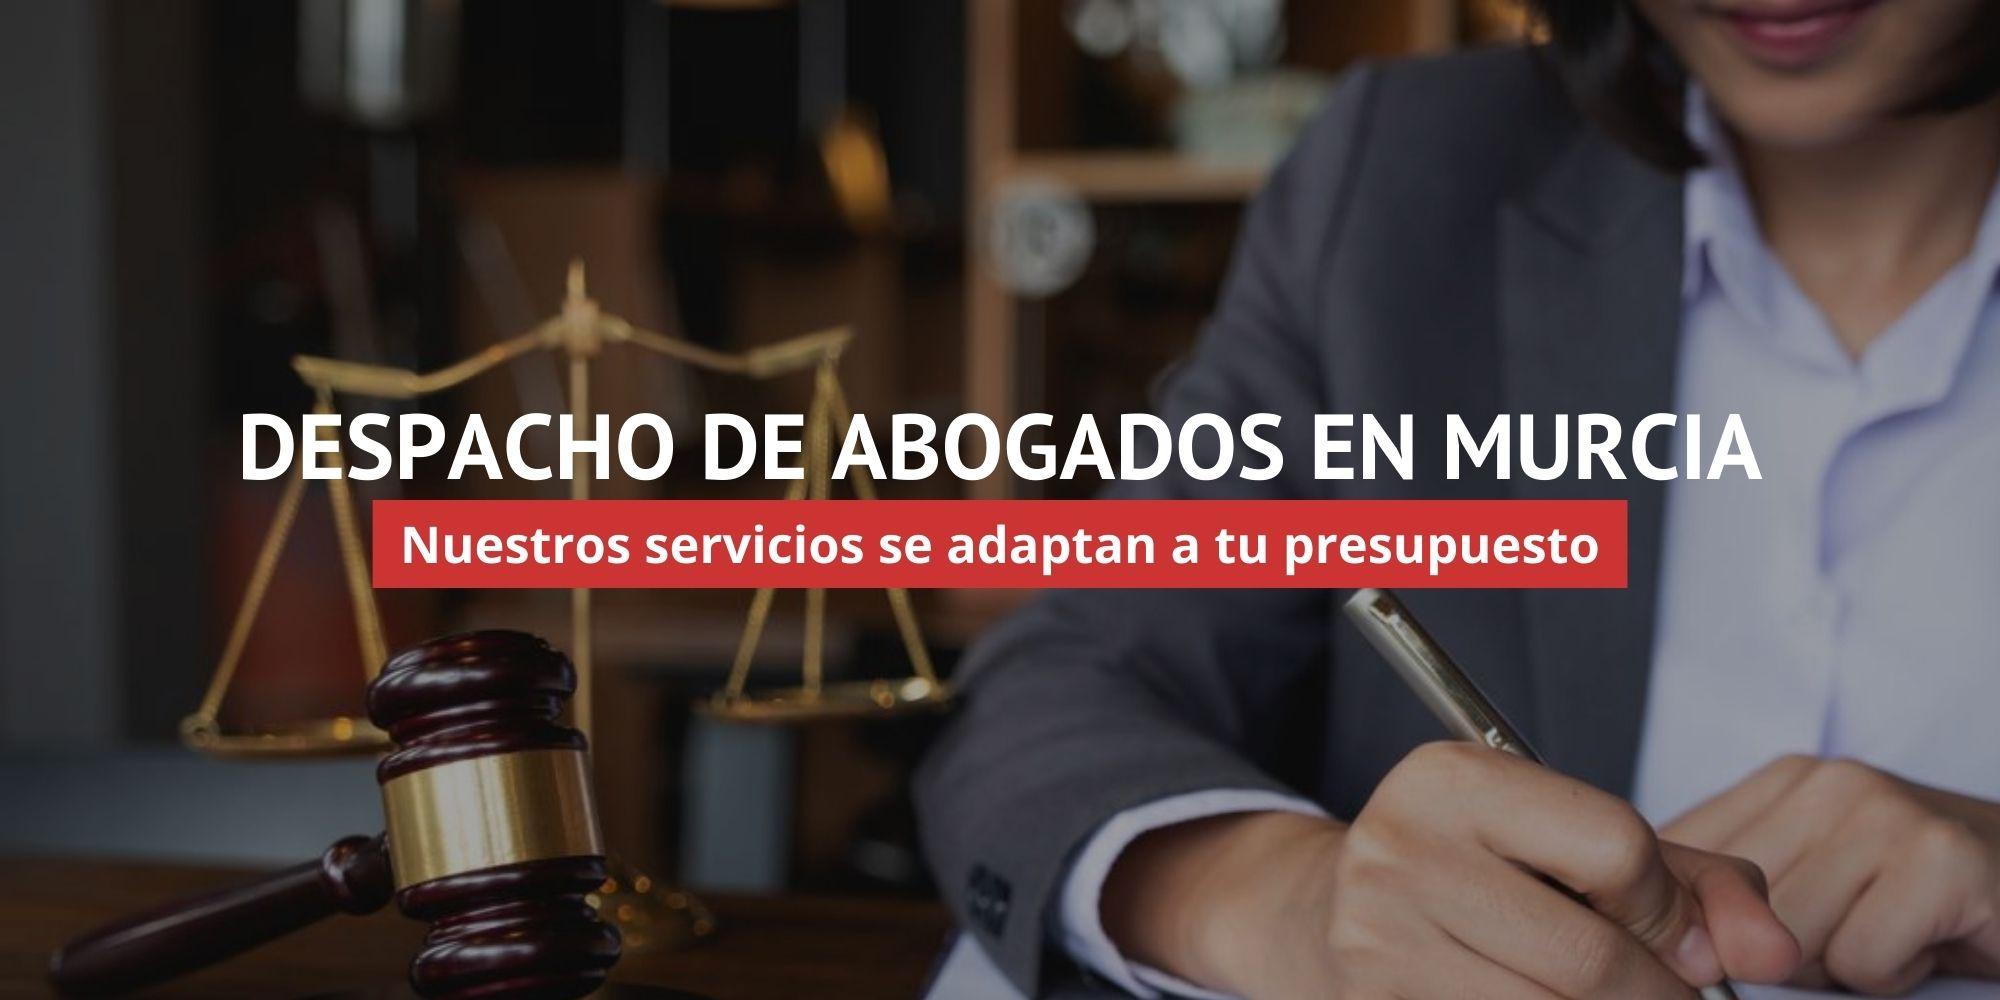 Despacho de Abogados en Murcia - Primera Visita Gratis | ACC LEGAL ABOGADOS